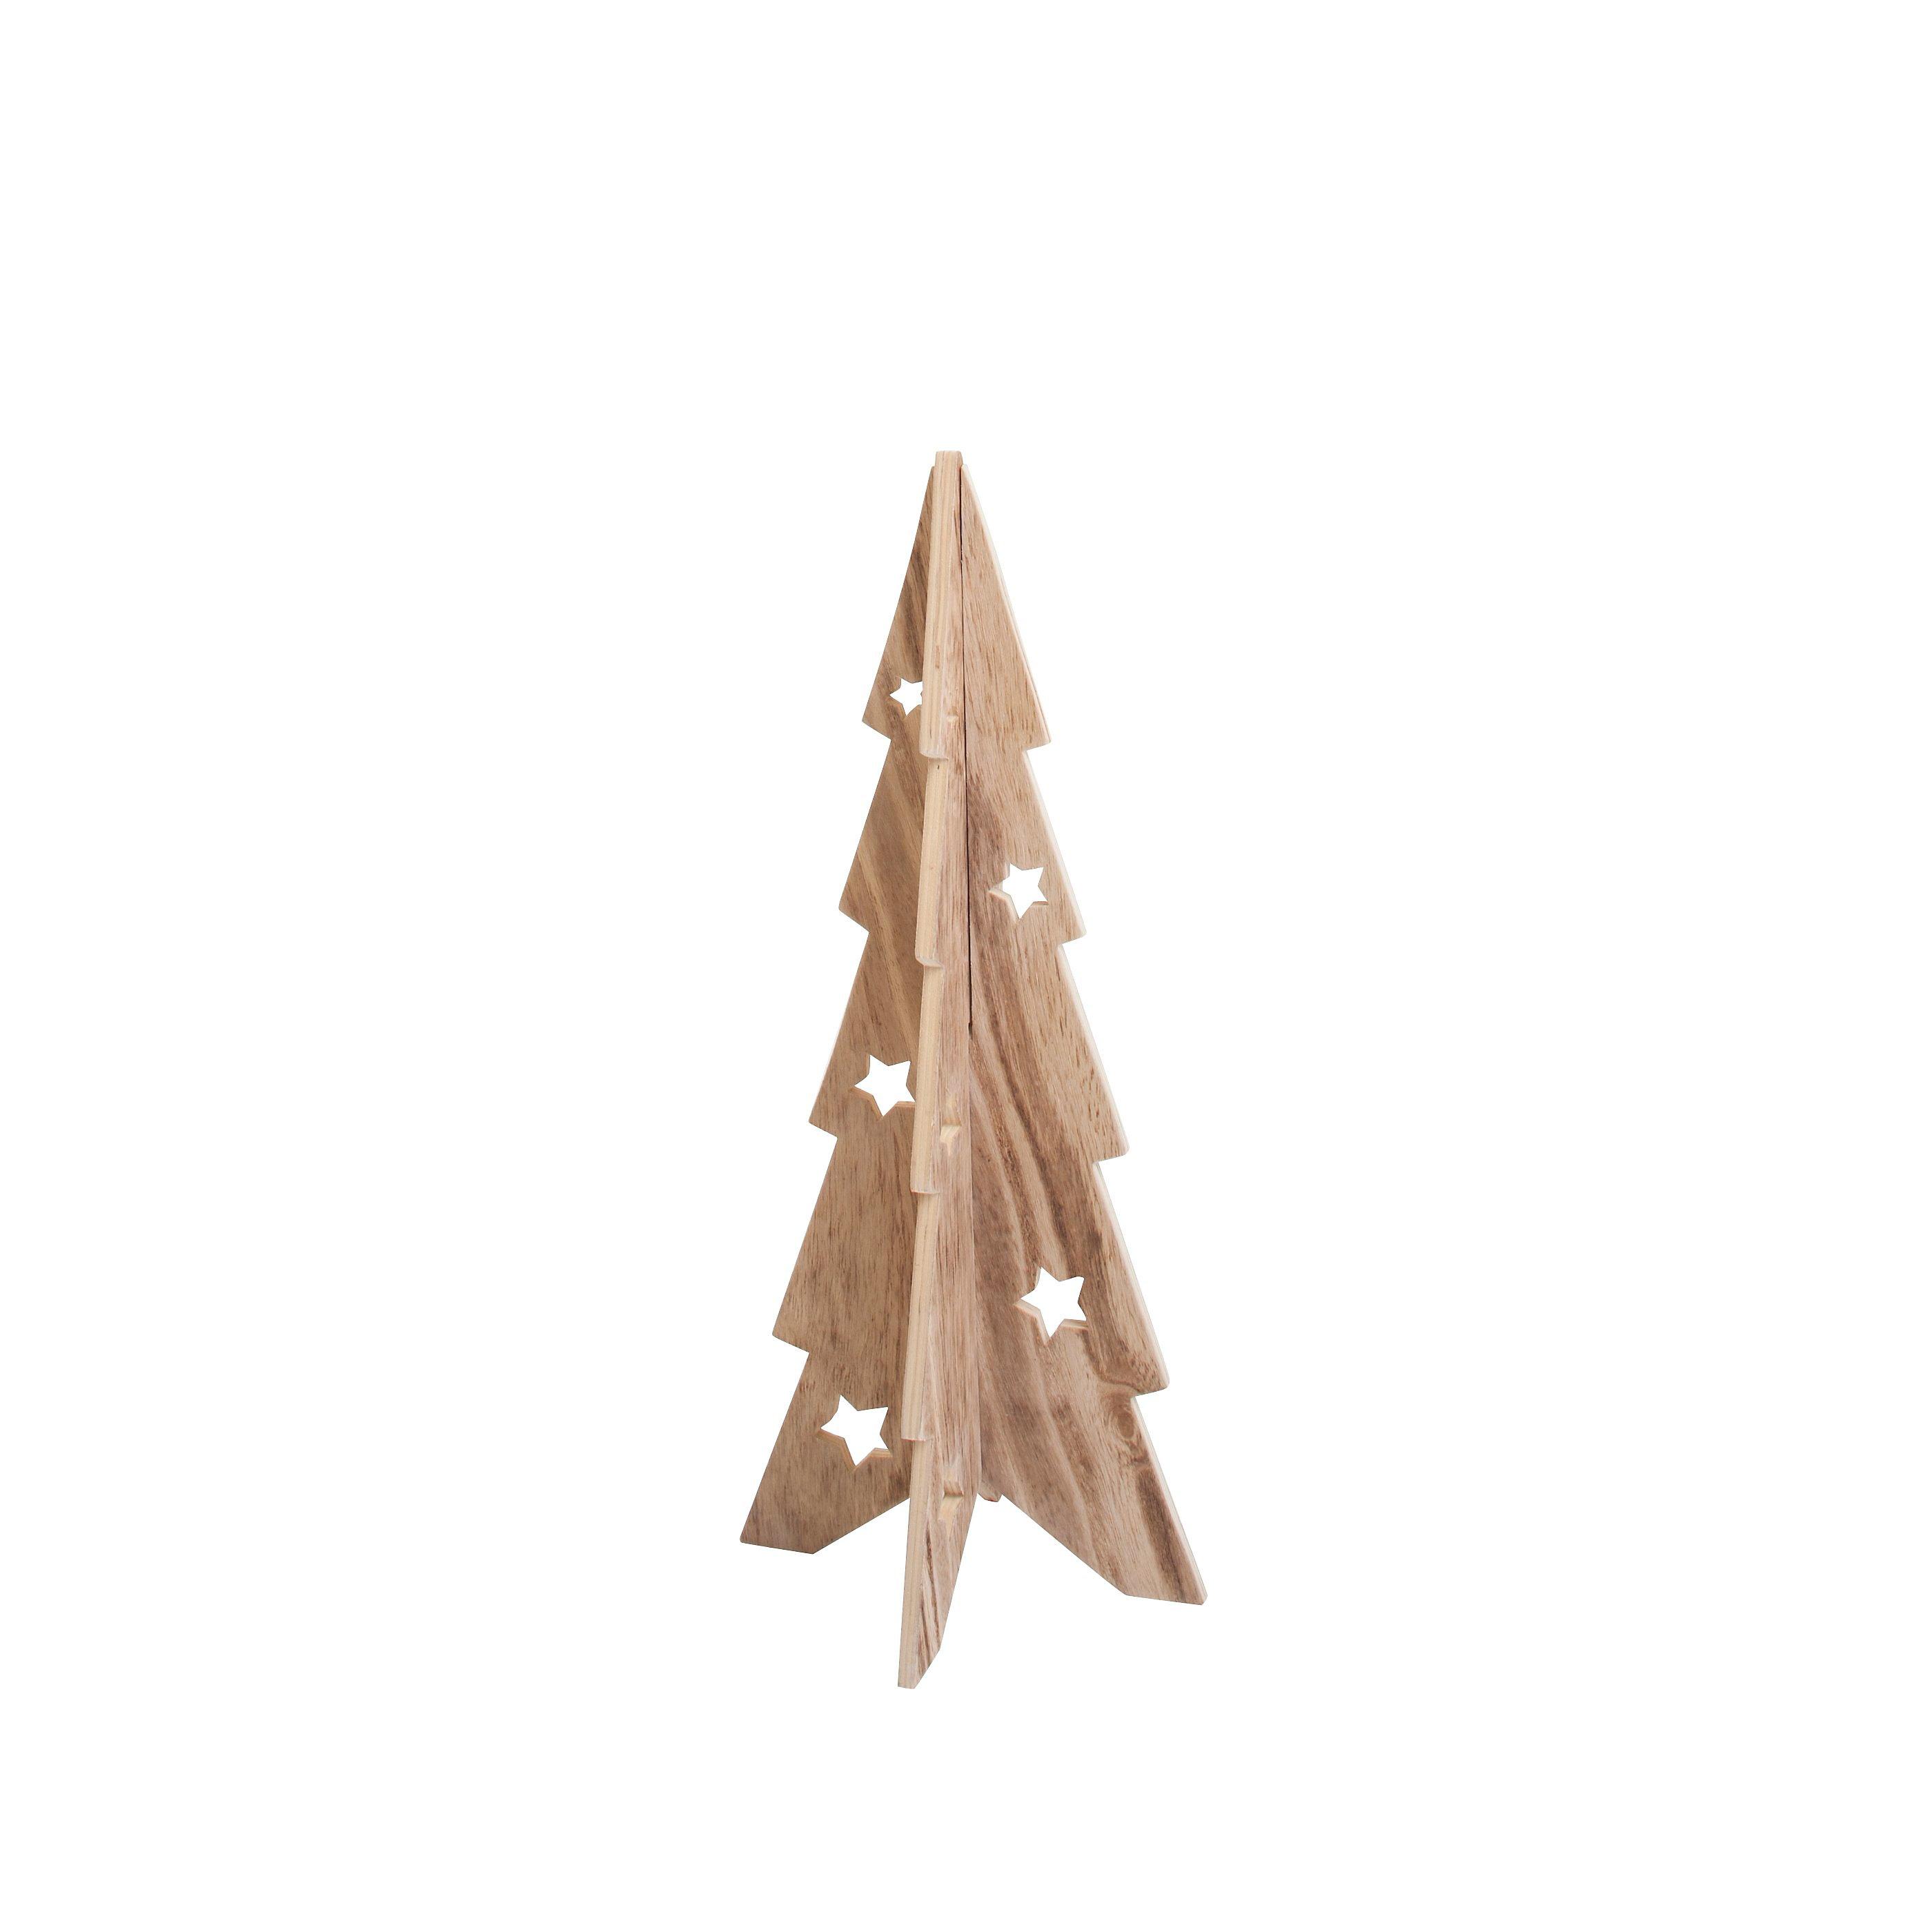 Top Holz-Tannenbaum, 50 cm jetzt bei Weltbild.de bestellen XR44